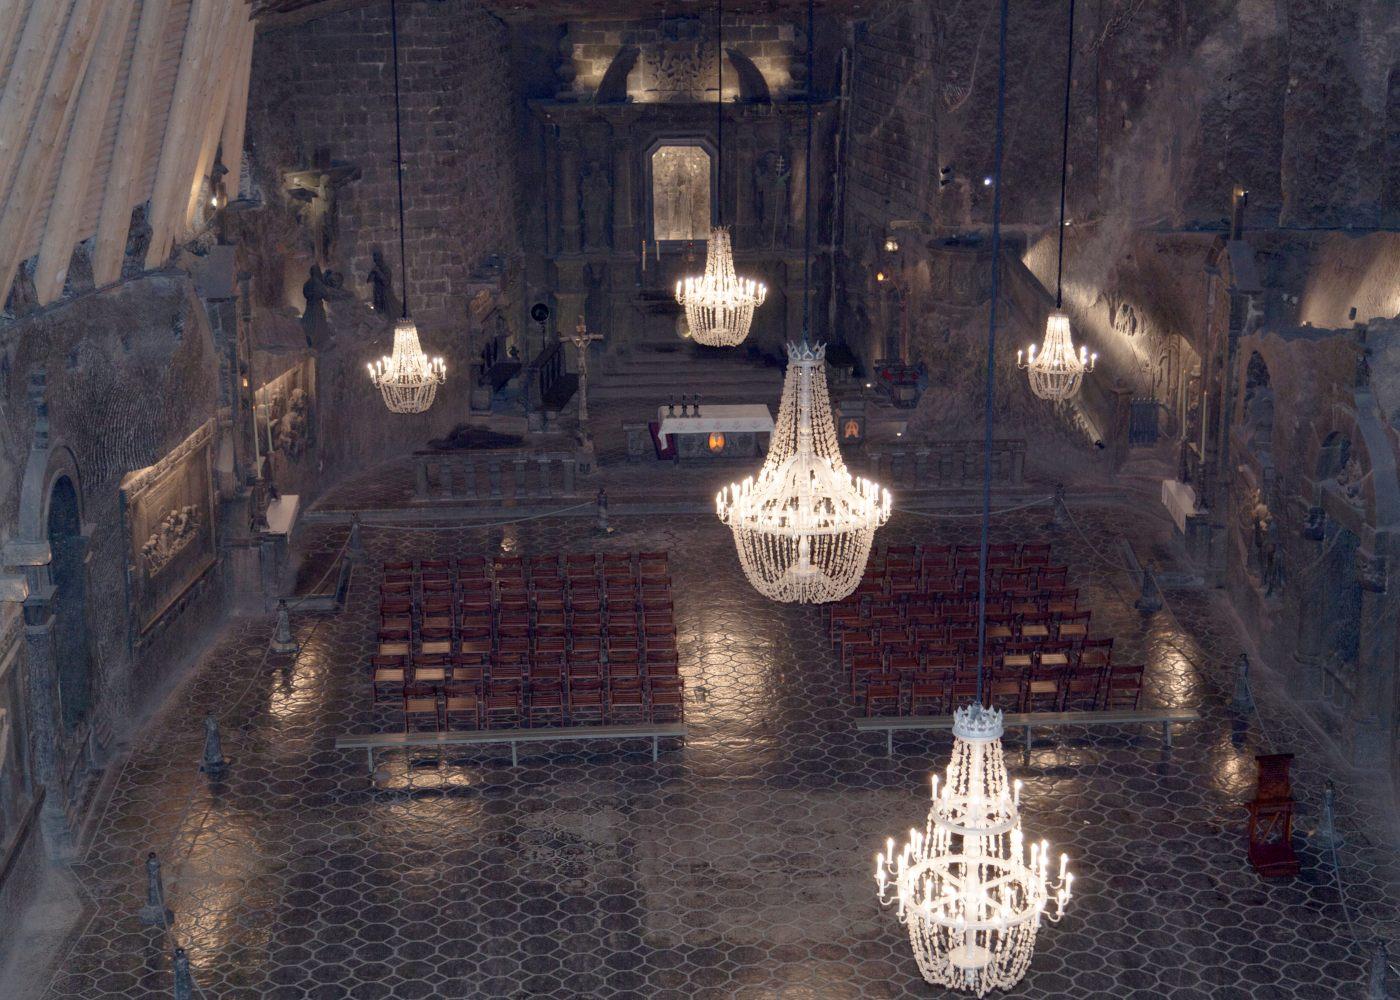 Capela de St. Kinga em Cracóvia